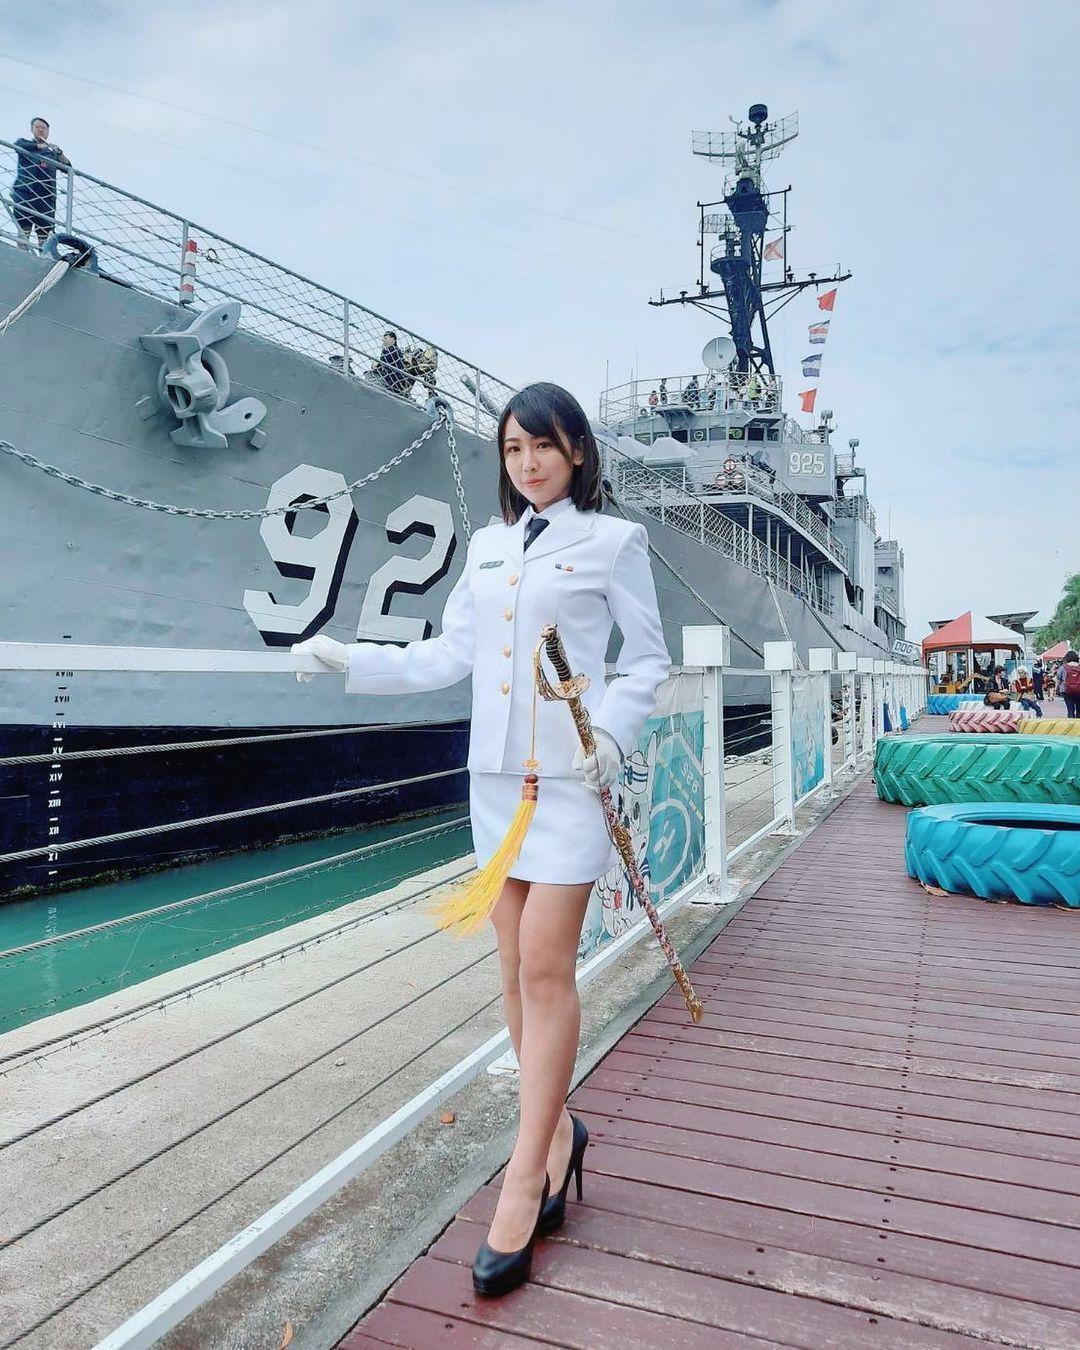 台版女郎新垣结衣希希CC换上了海军制服 网络美女 第2张